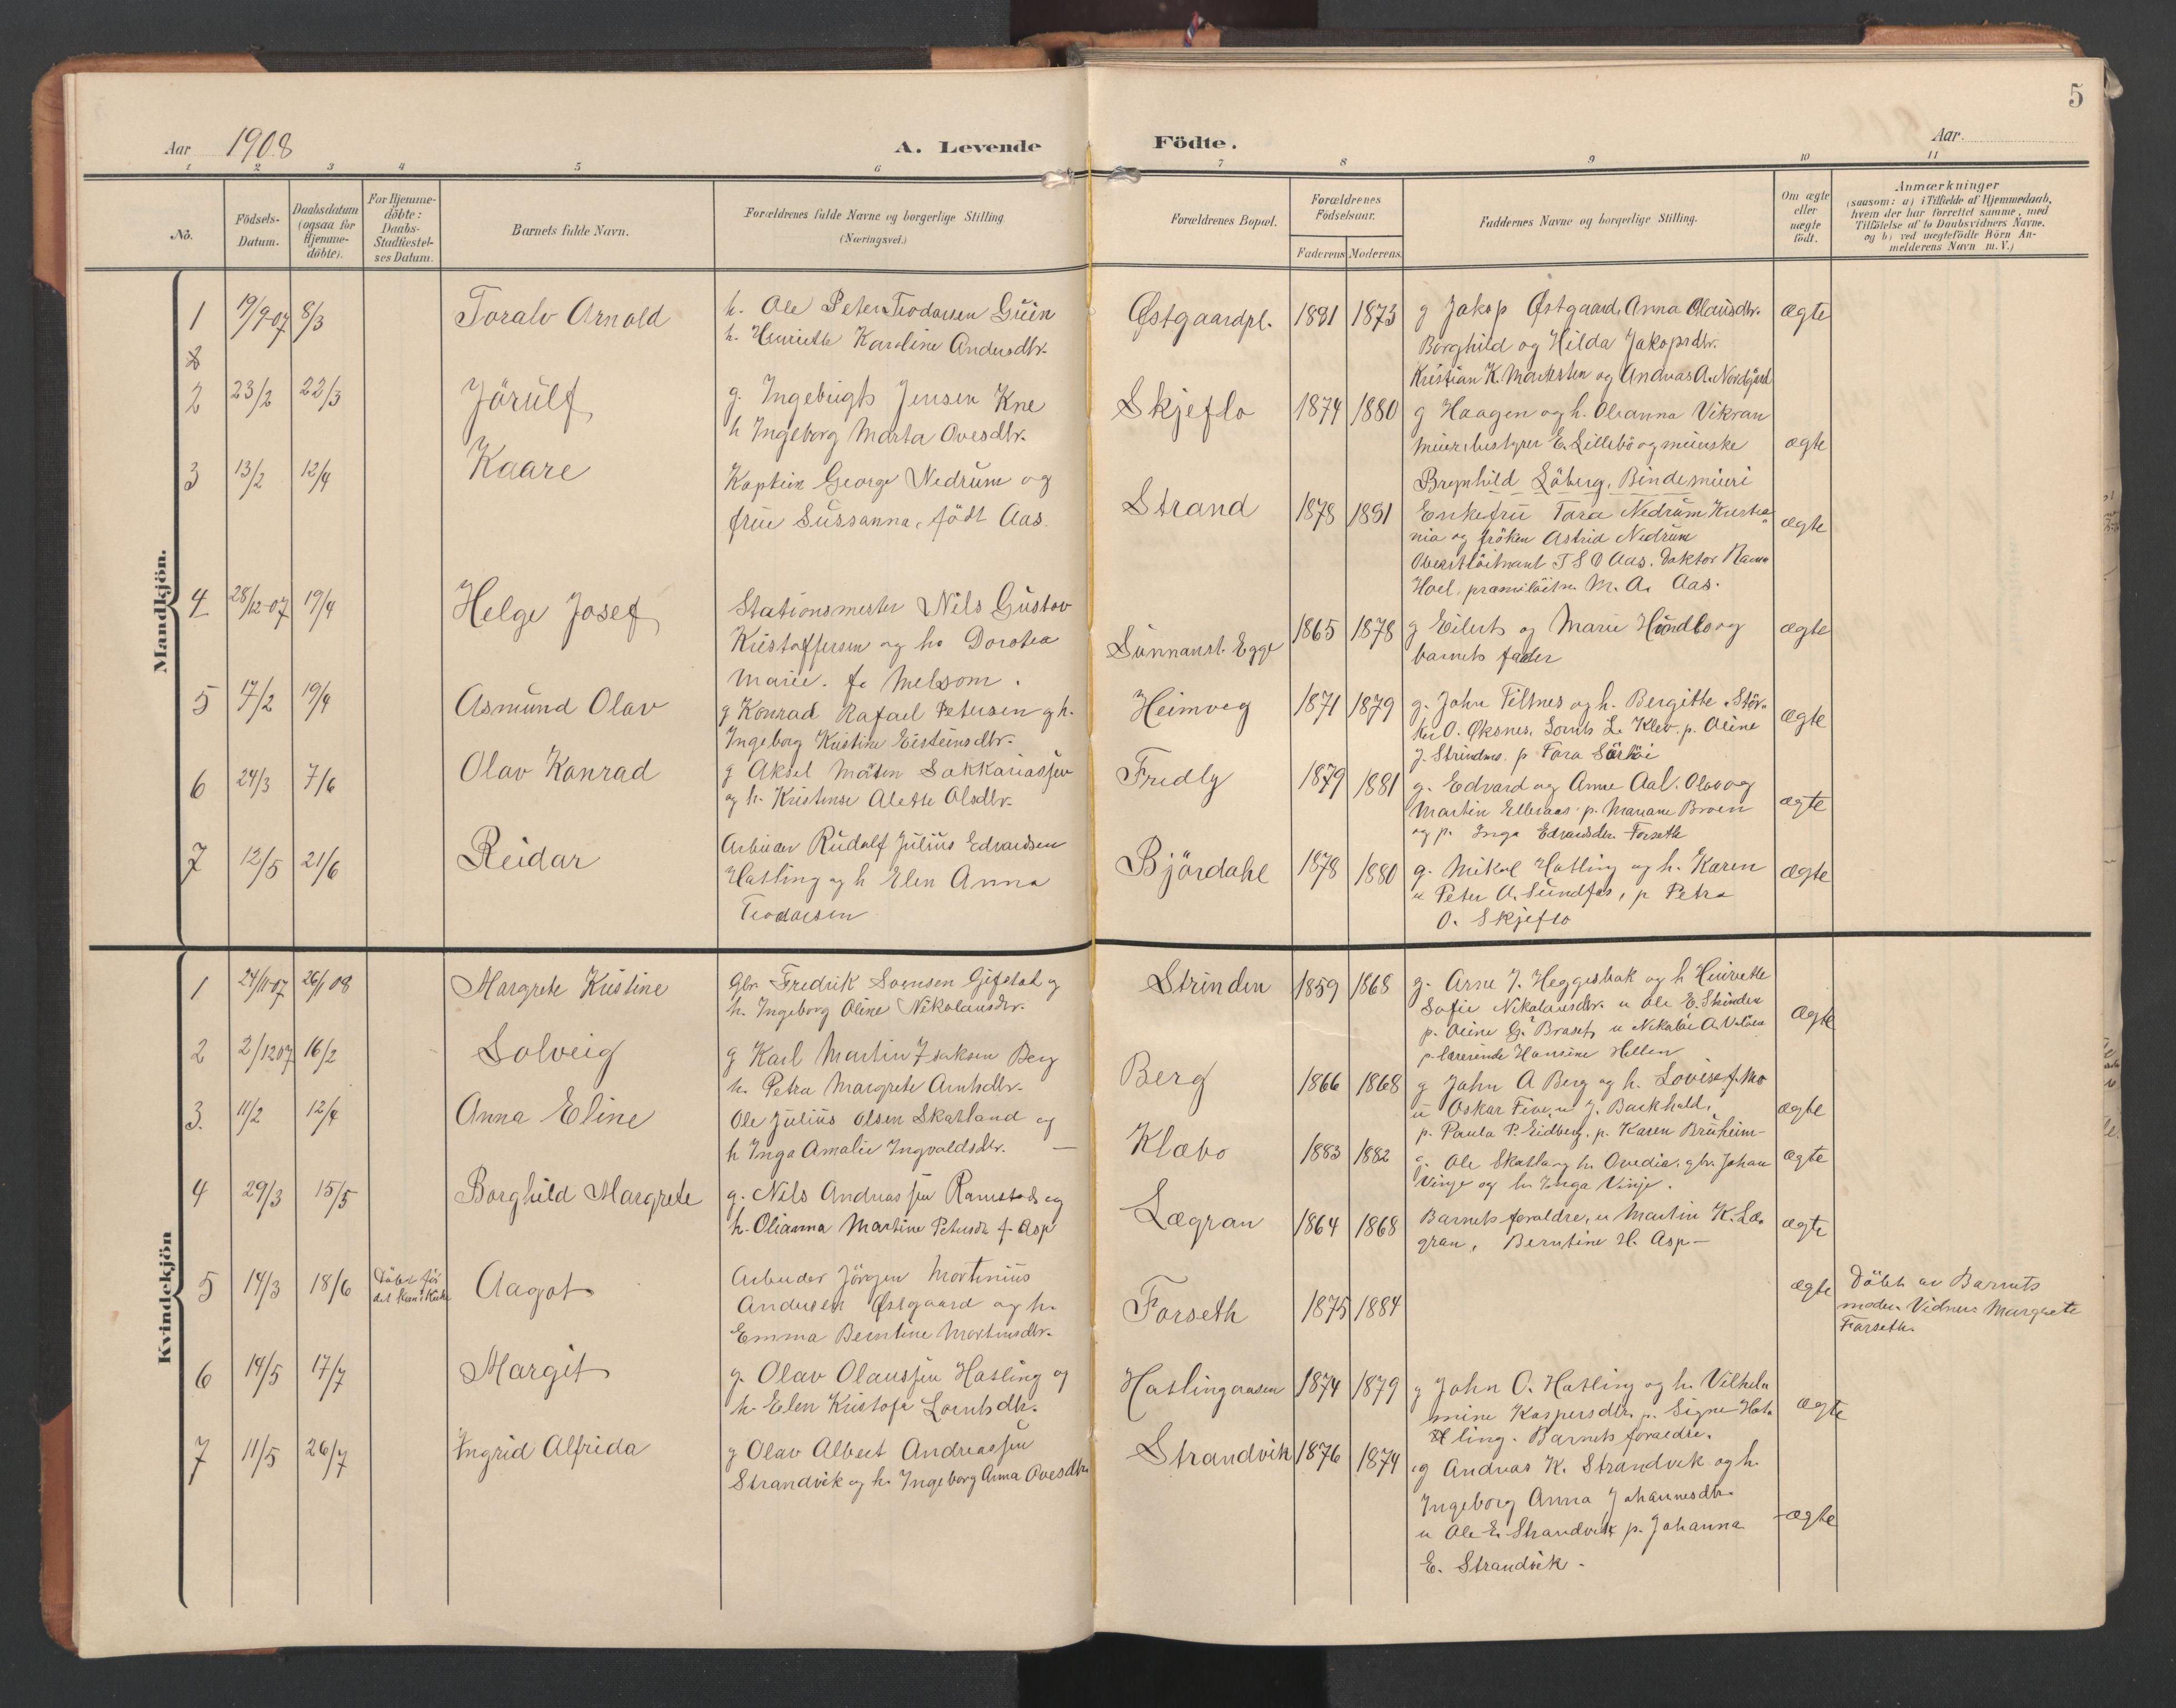 SAT, Ministerialprotokoller, klokkerbøker og fødselsregistre - Nord-Trøndelag, 746/L0455: Klokkerbok nr. 746C01, 1908-1933, s. 5